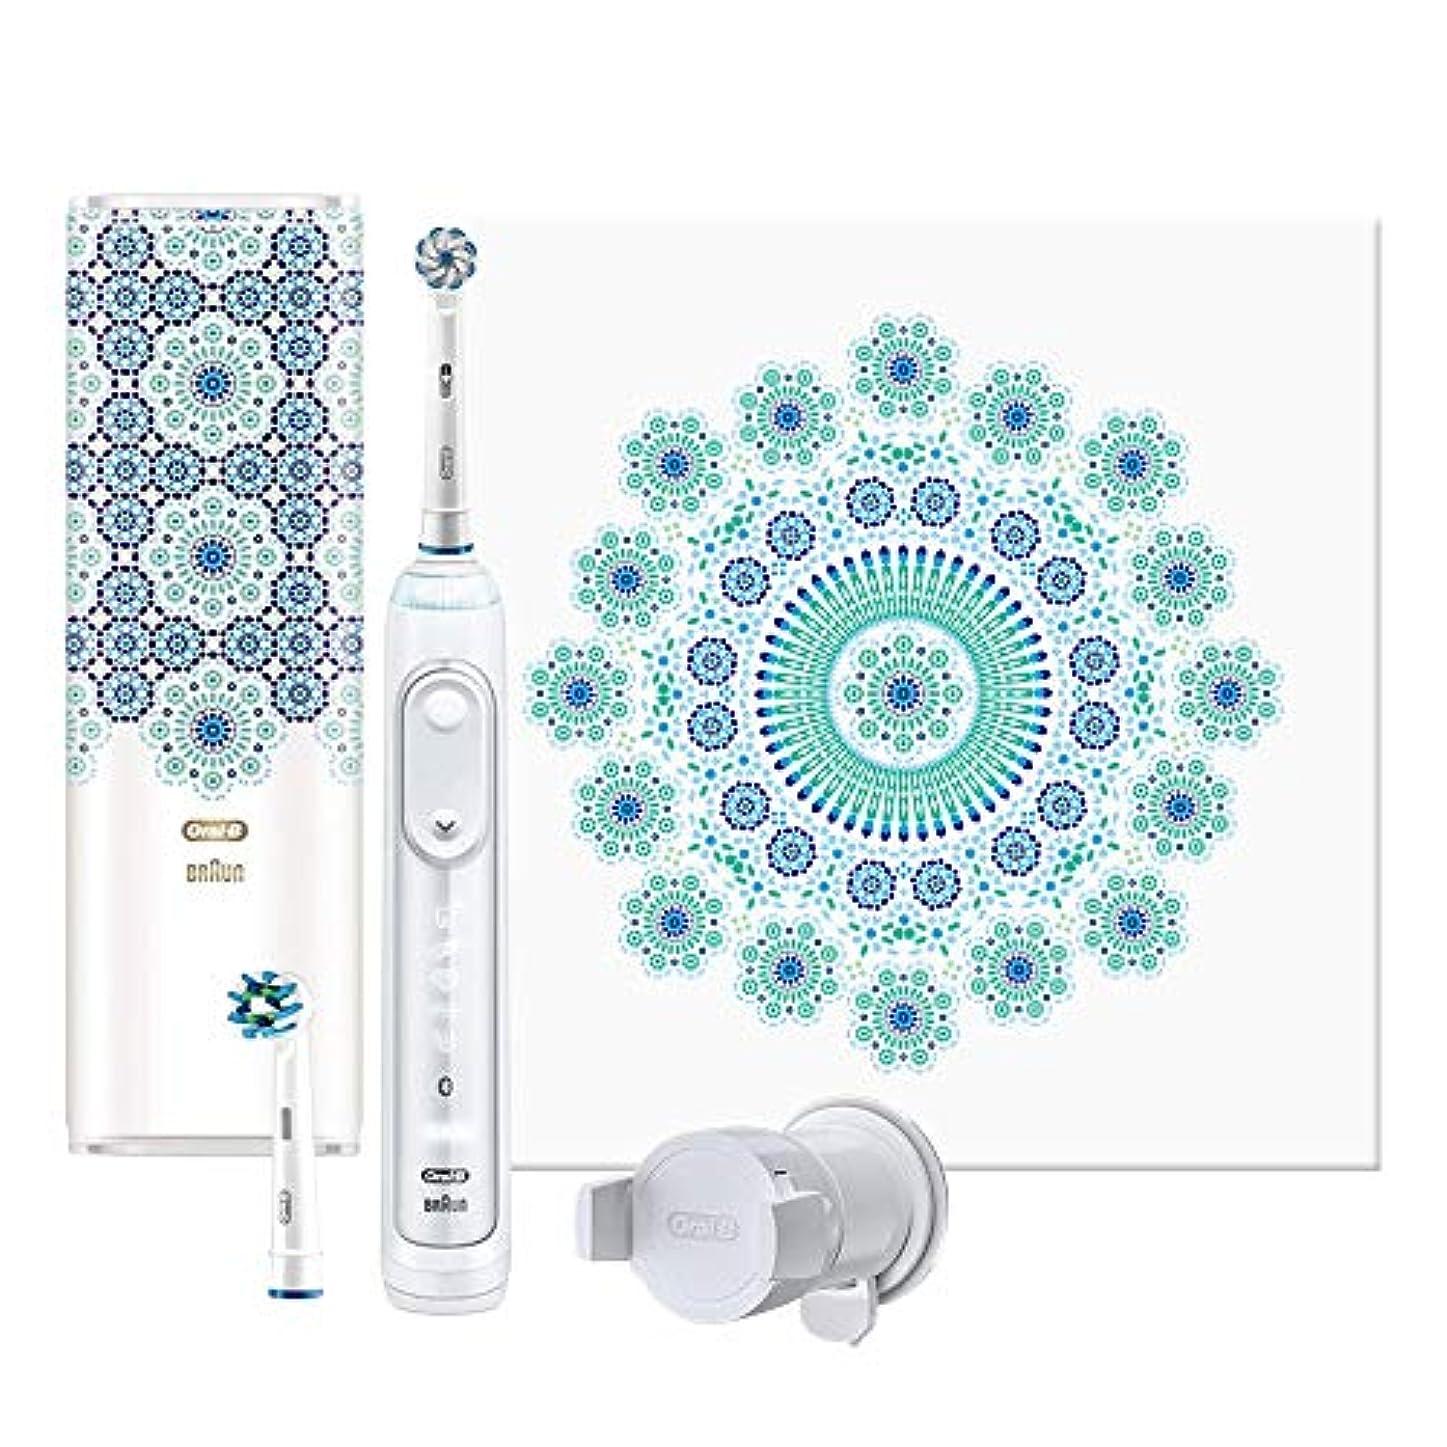 データムまばたき夕方ブラウン オーラルB 電動歯ブラシ ジーニアス9000 モロッコデザイン D7015256XCTMC